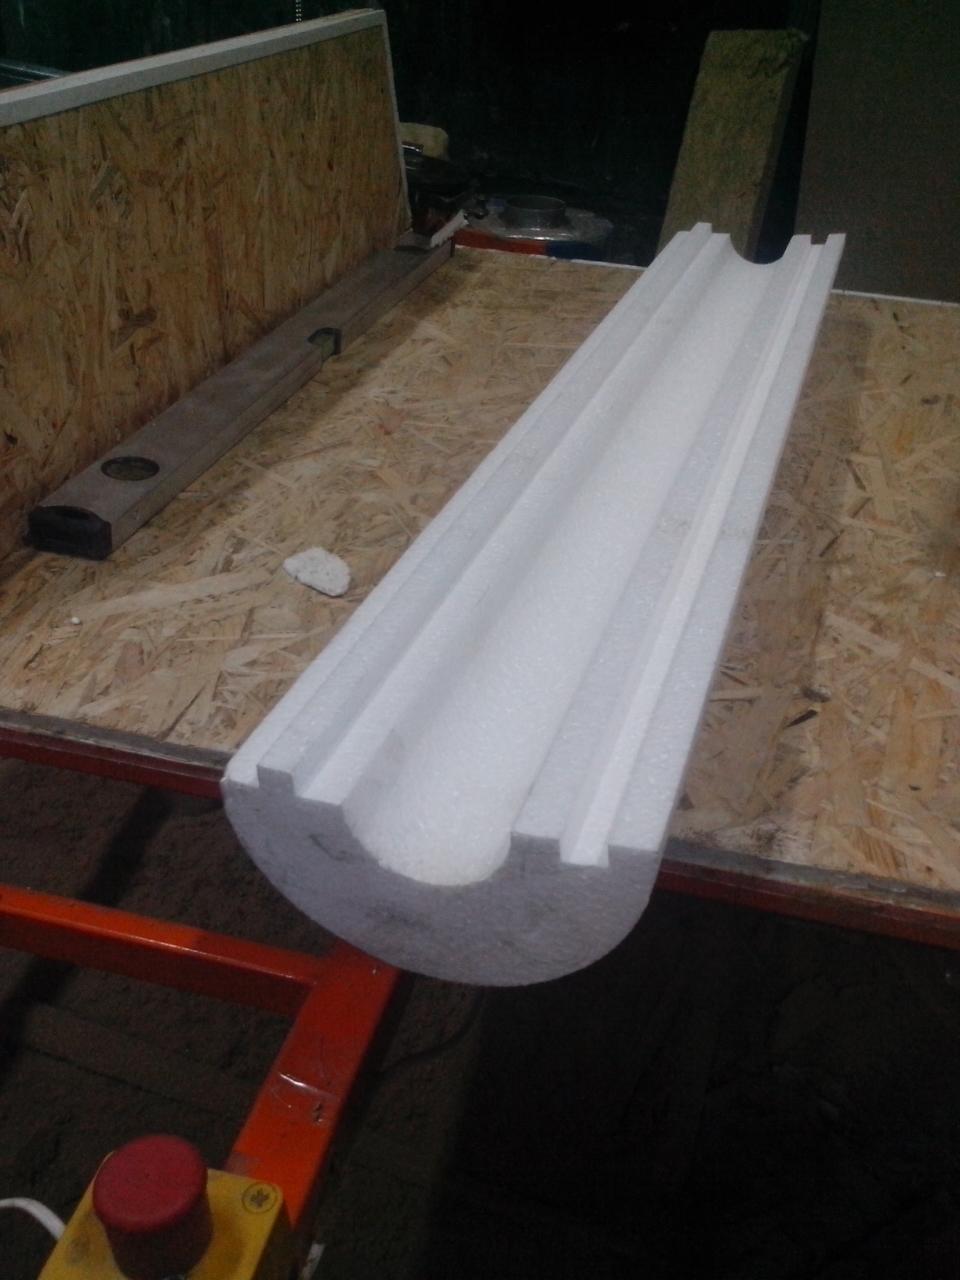 Утеплитель из пенопласта (пенополистирола) для труб Ø 20 мм толщиной 30 мм